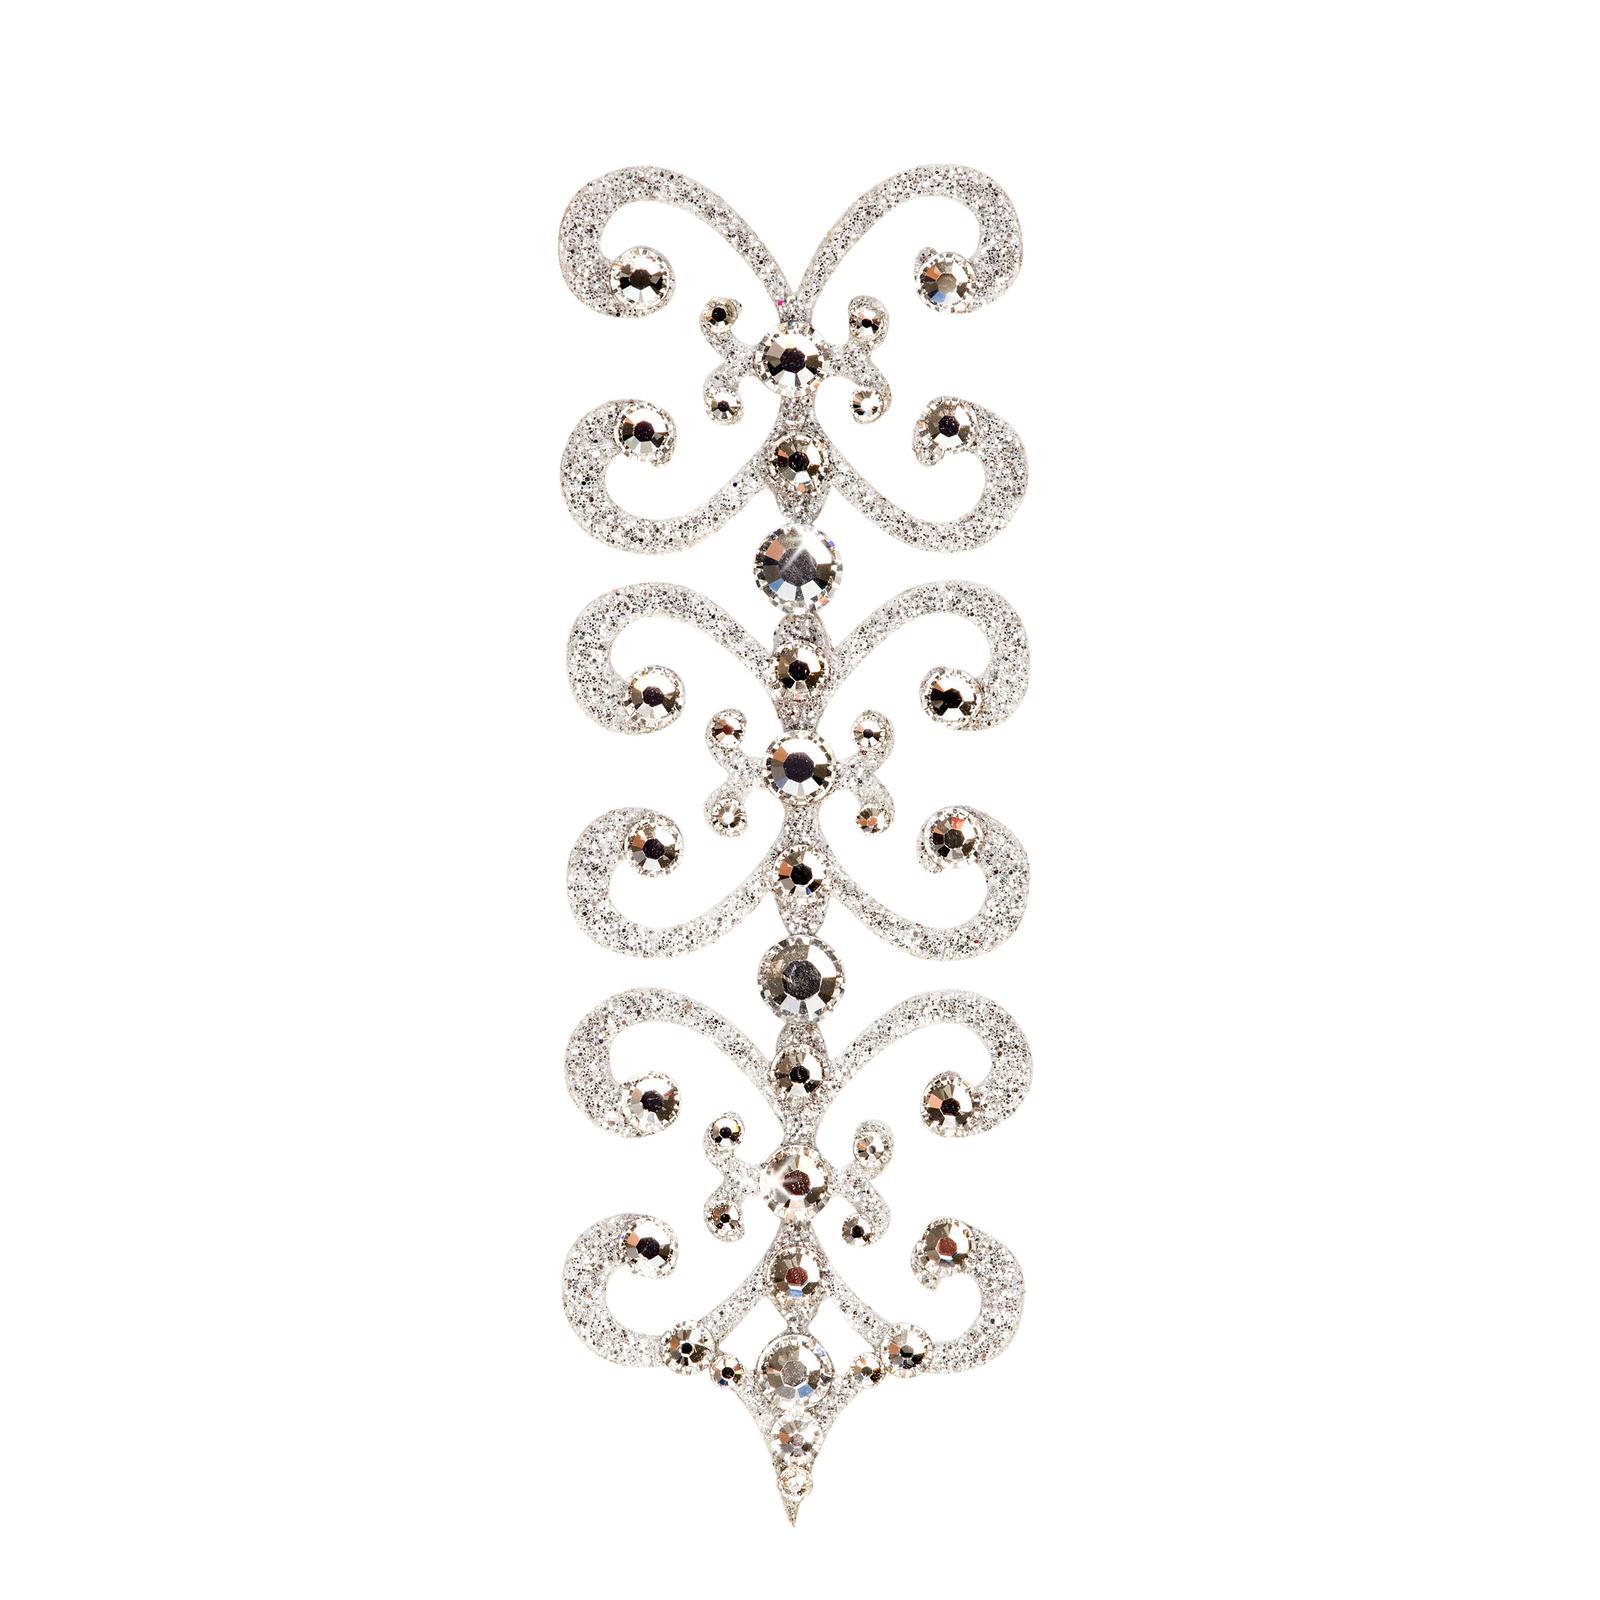 SO.nia nalepovací šperk Florence čirý 1 ks - Obrázek č. 1